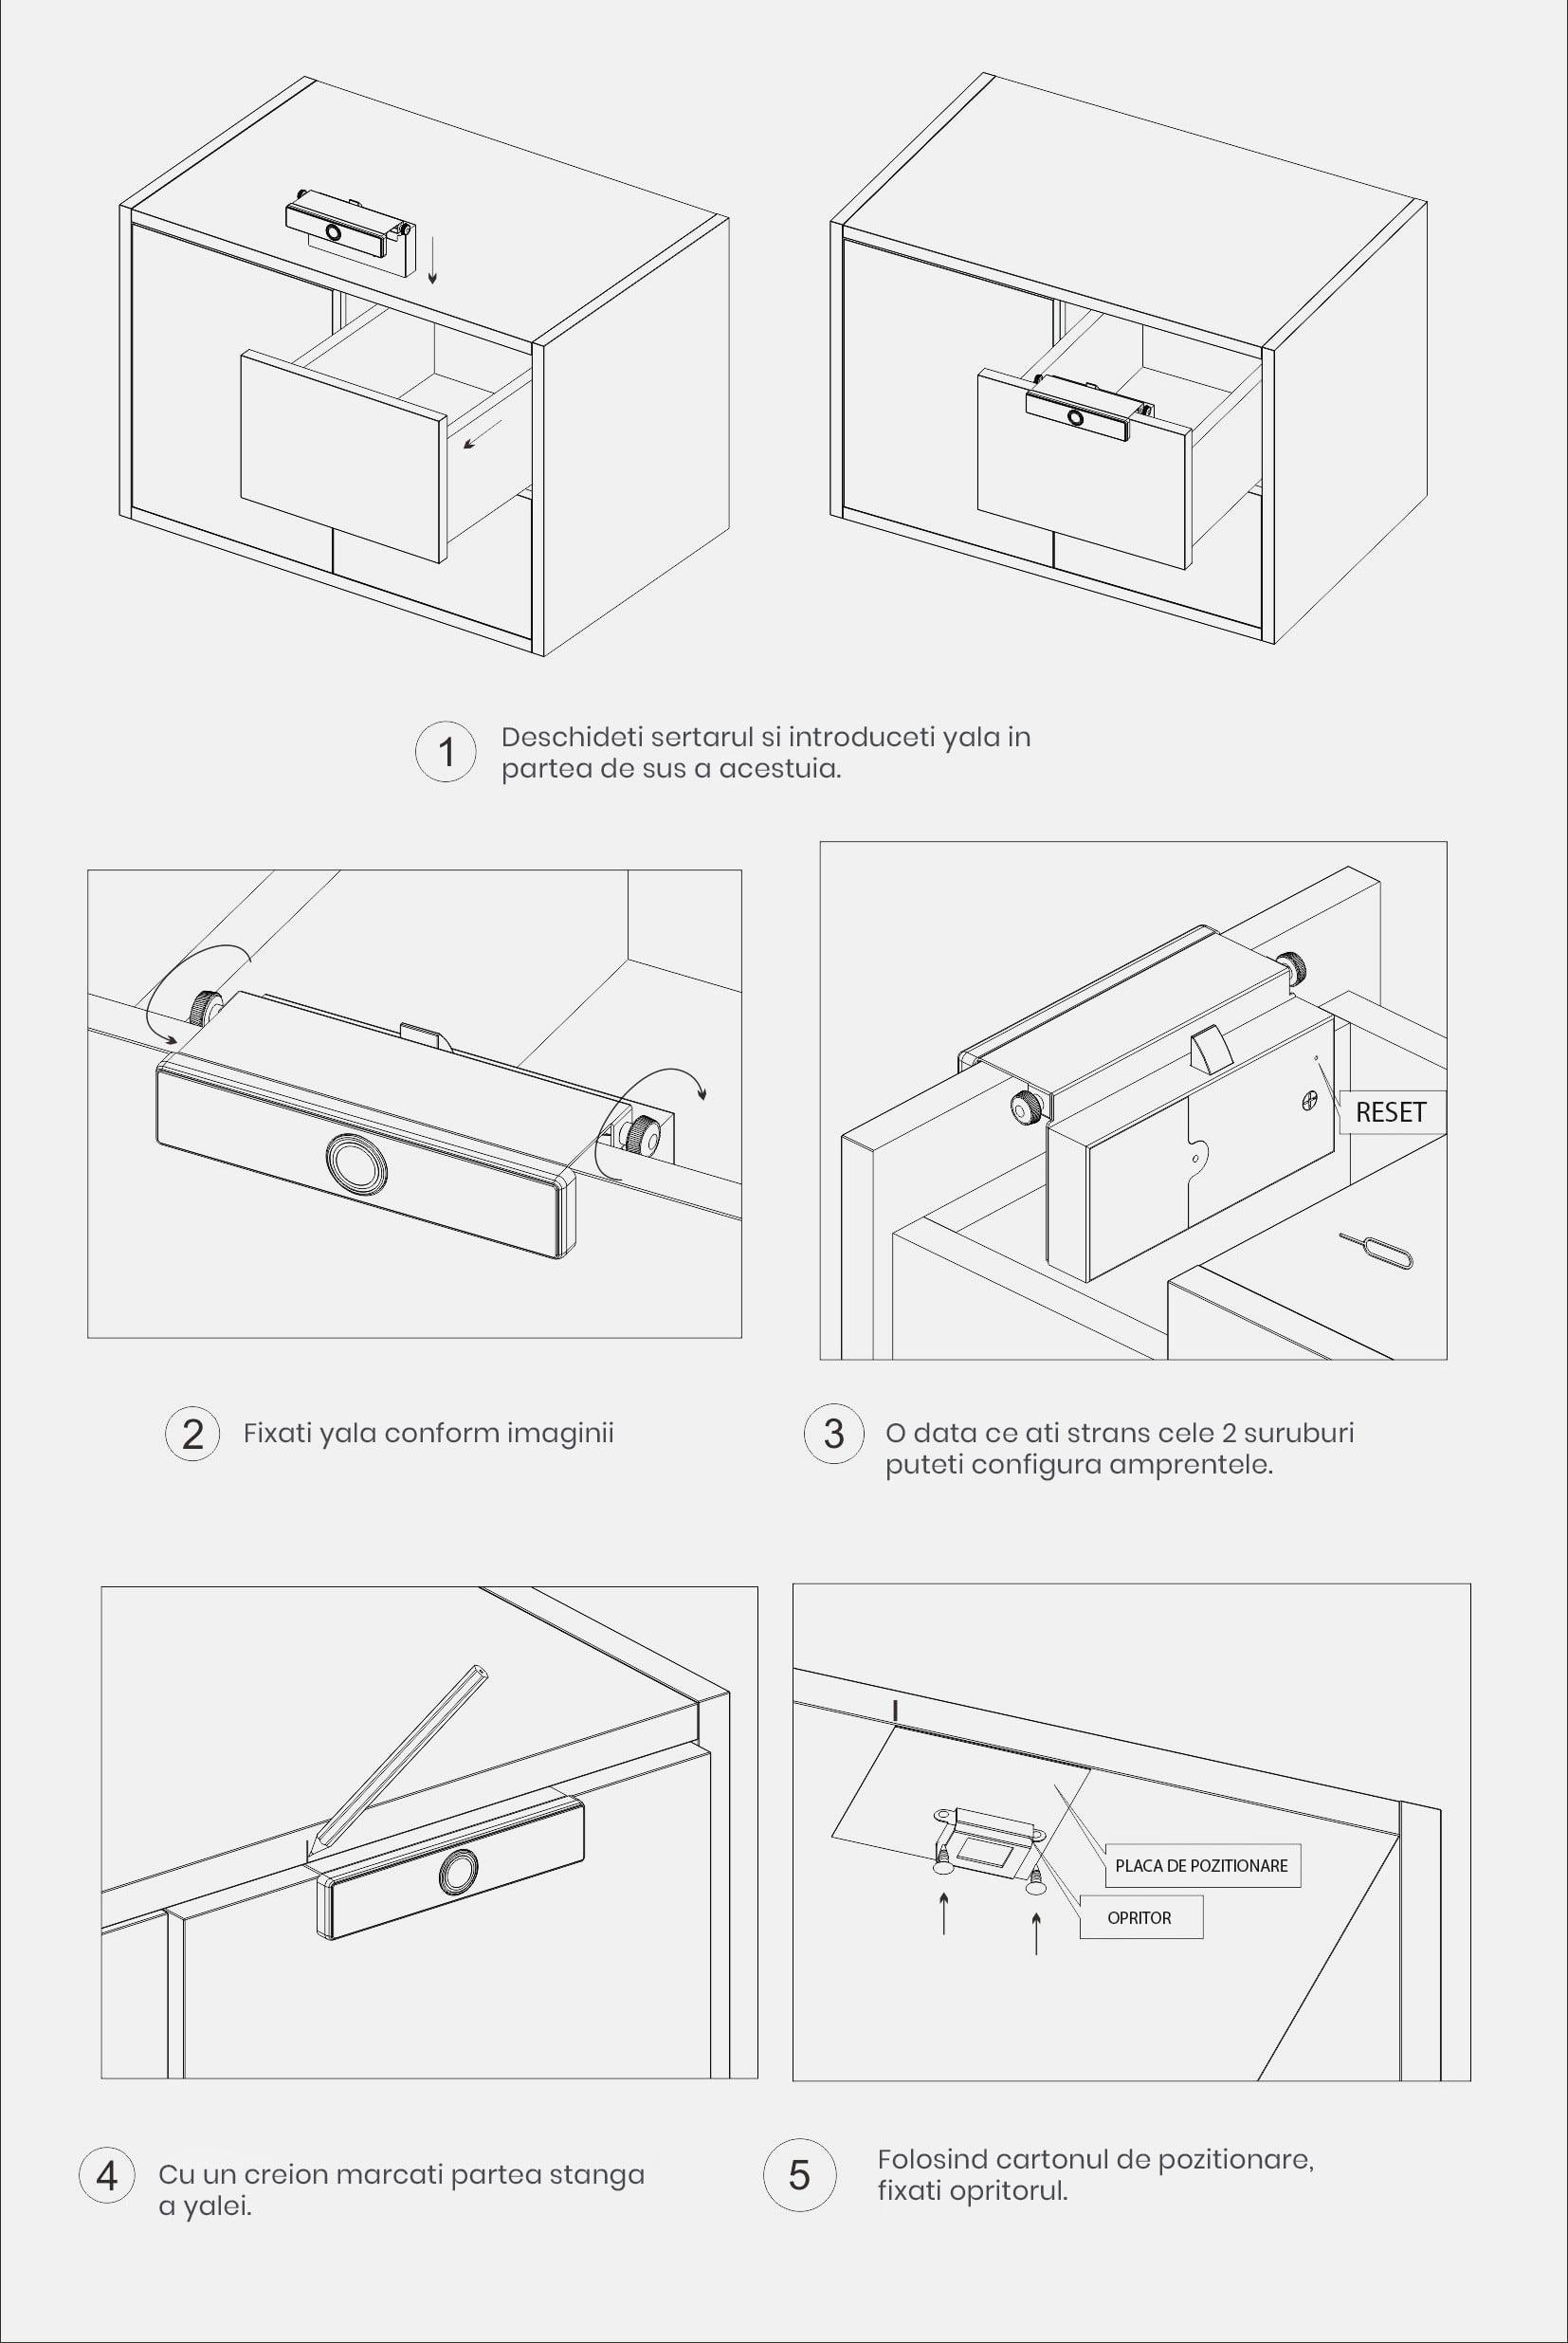 Yala cu amprenta pentru sertar/dulap 13